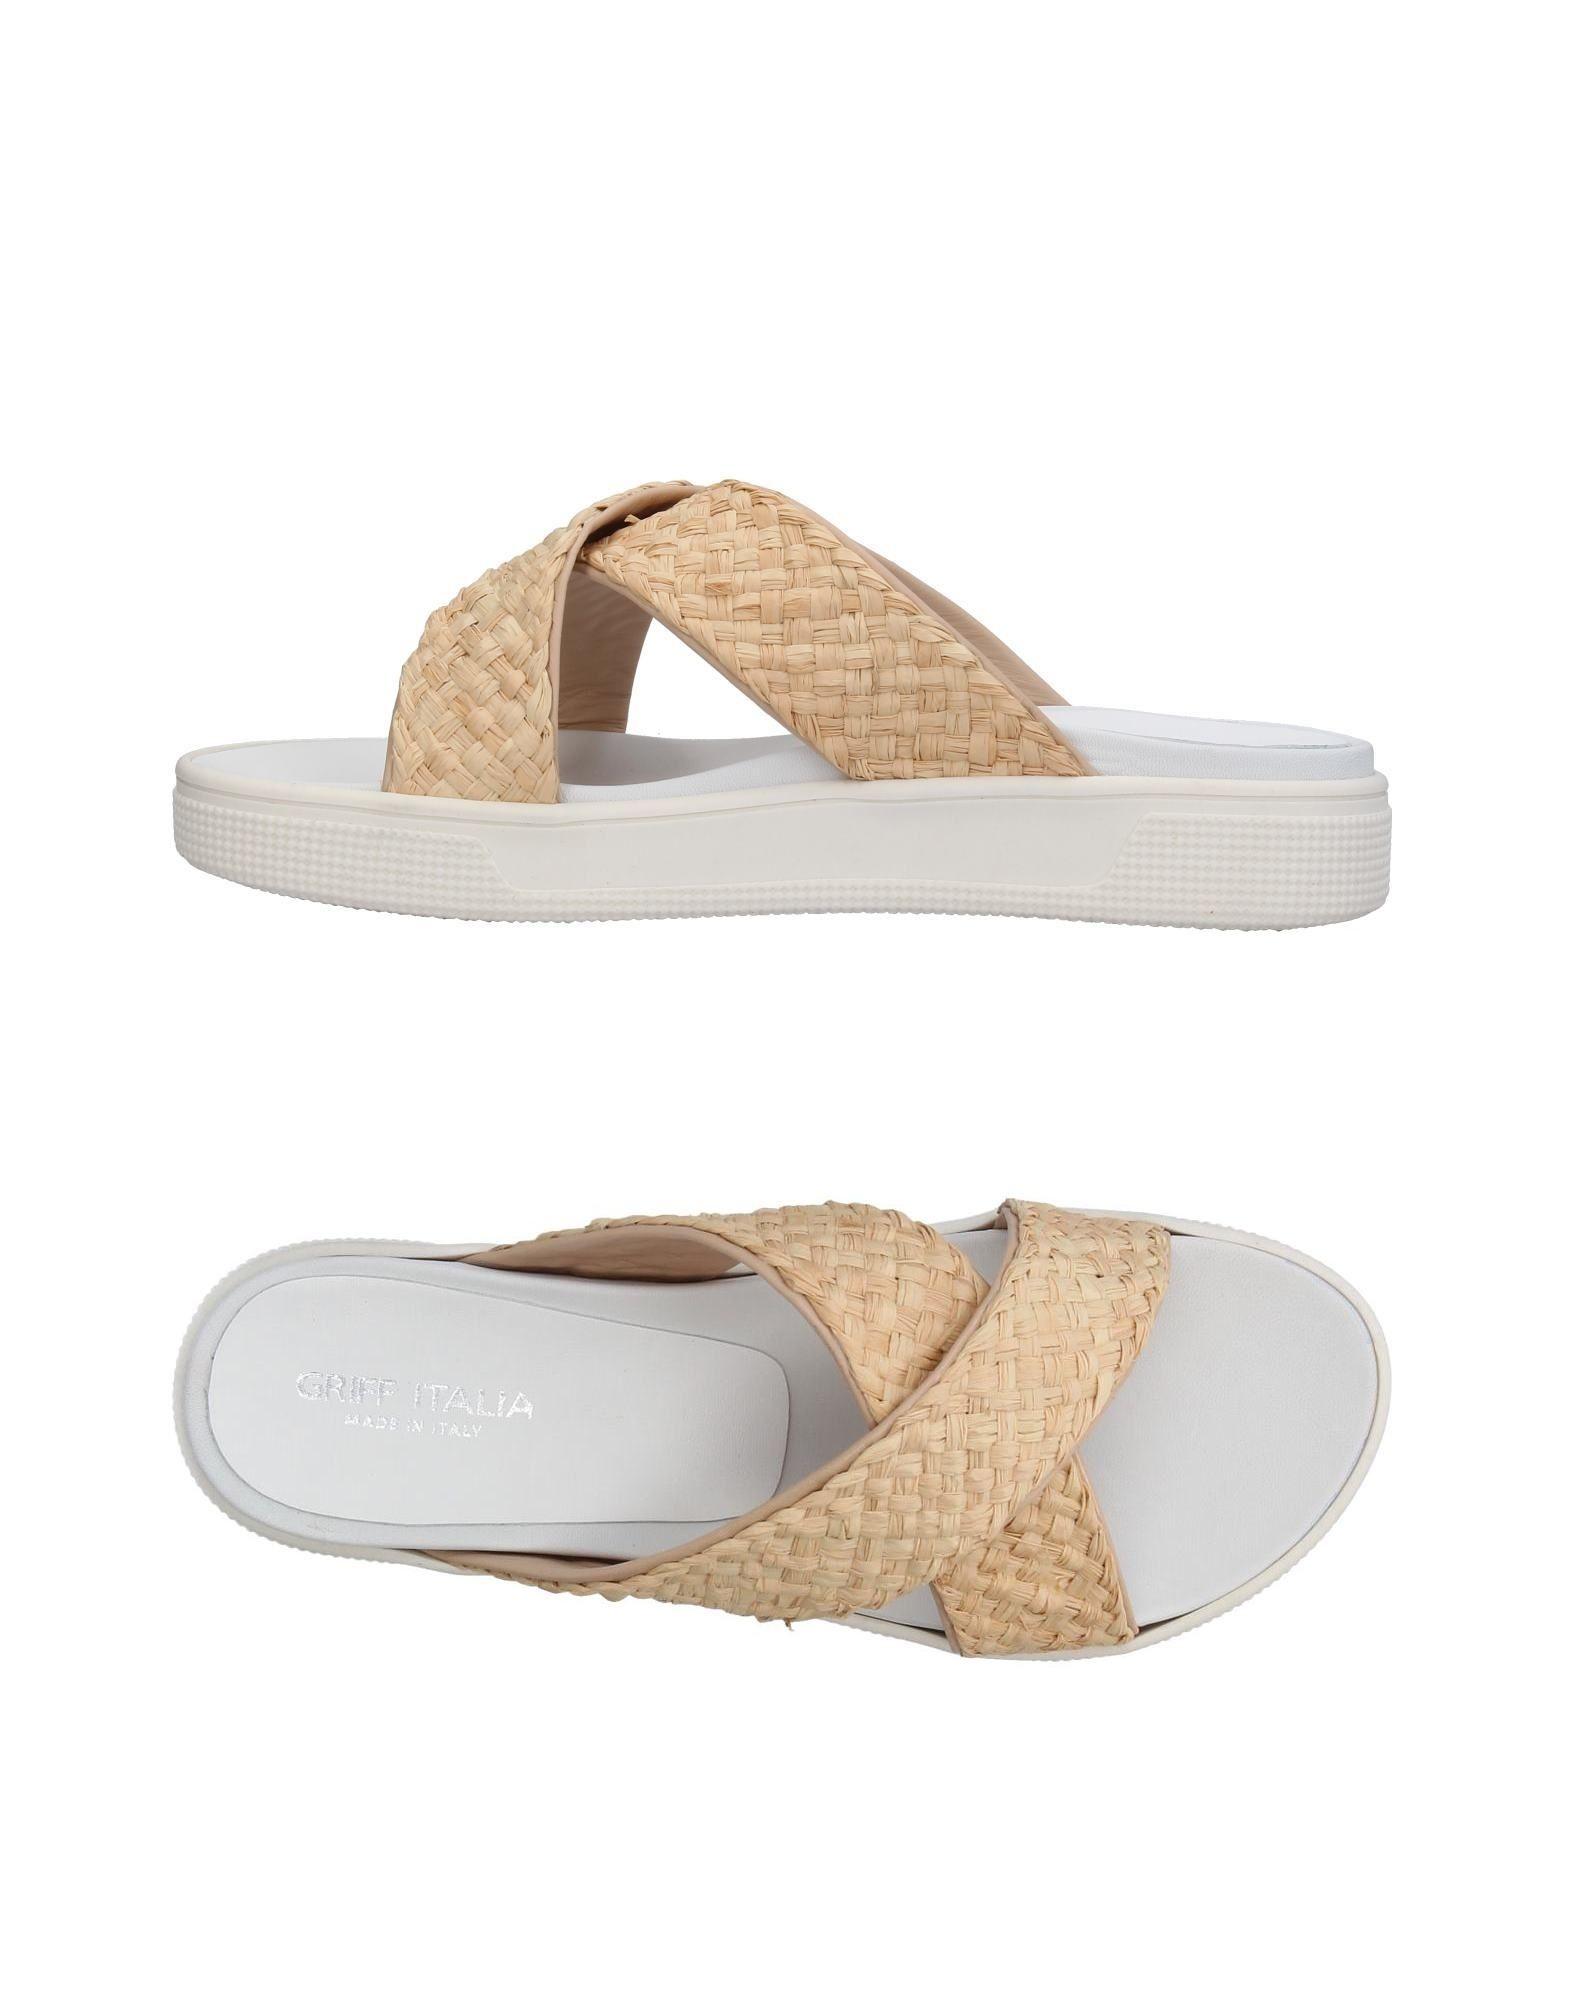 Griff Italia Sandalen Damen  11381245DL Gute Qualität beliebte Schuhe